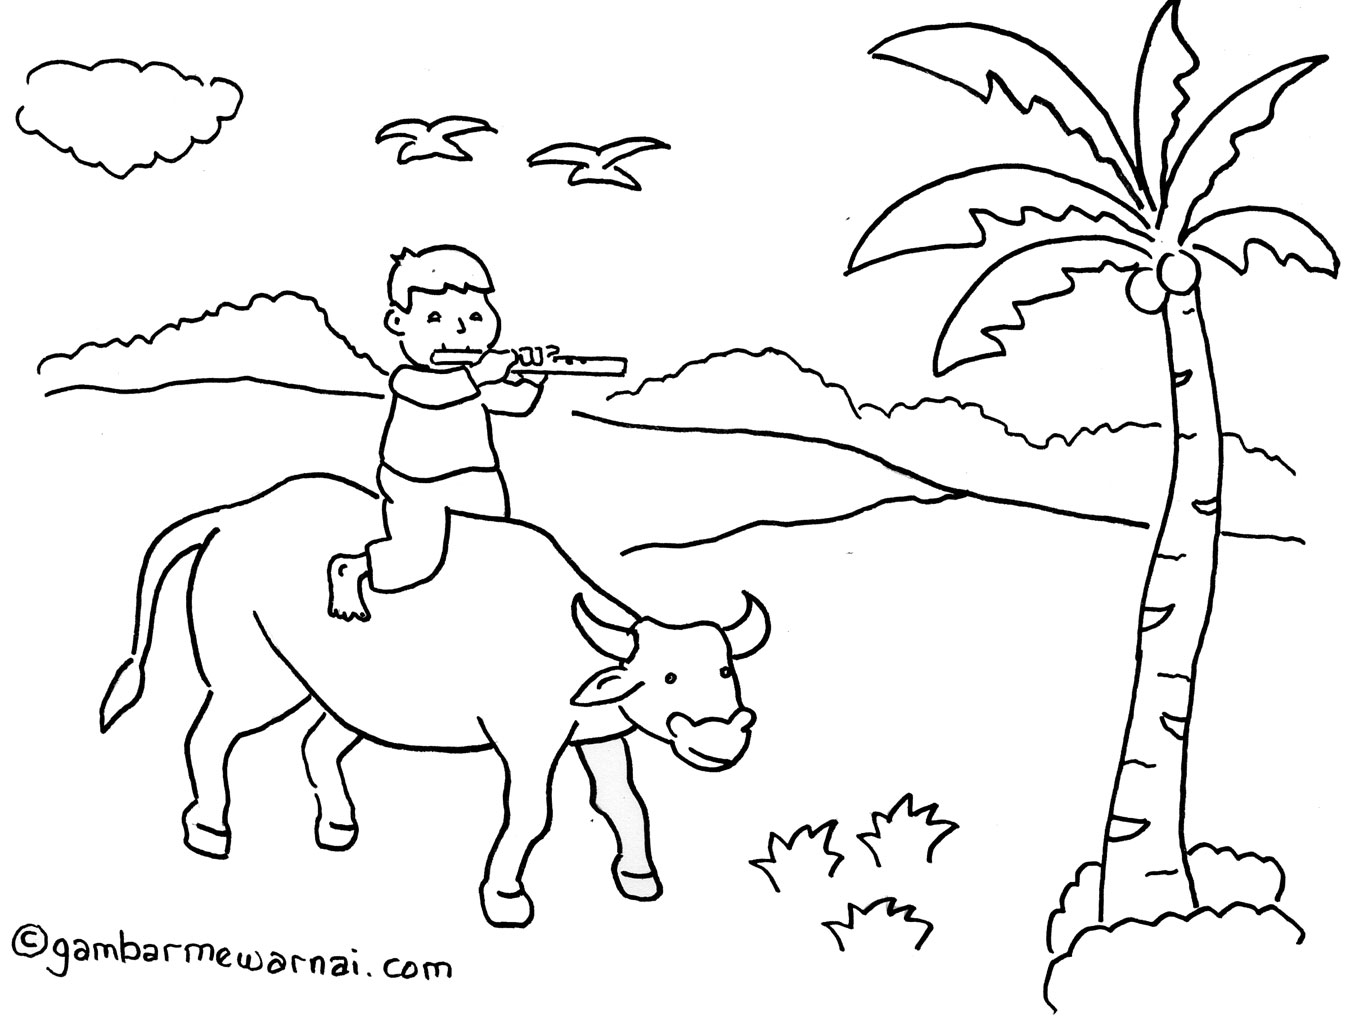 mewarnai gambar anak gembala – dengan latar belakang khas ...